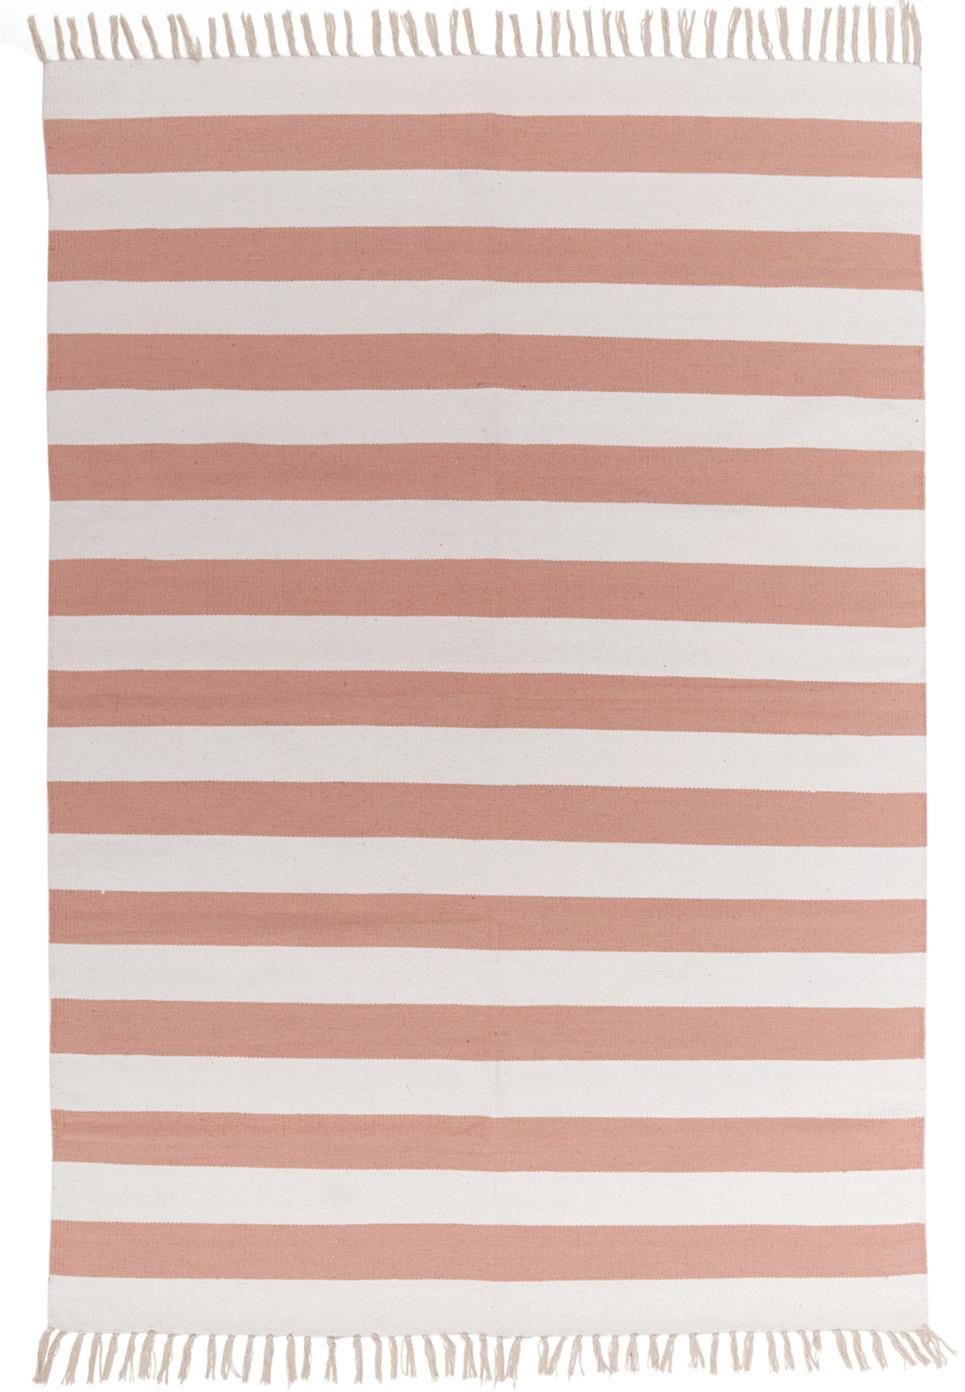 Gestreifter Baumwollteppich Malte in Koralle/Weiss, Korallrot, Weiss, B 140 x L 200 cm (Grösse S)